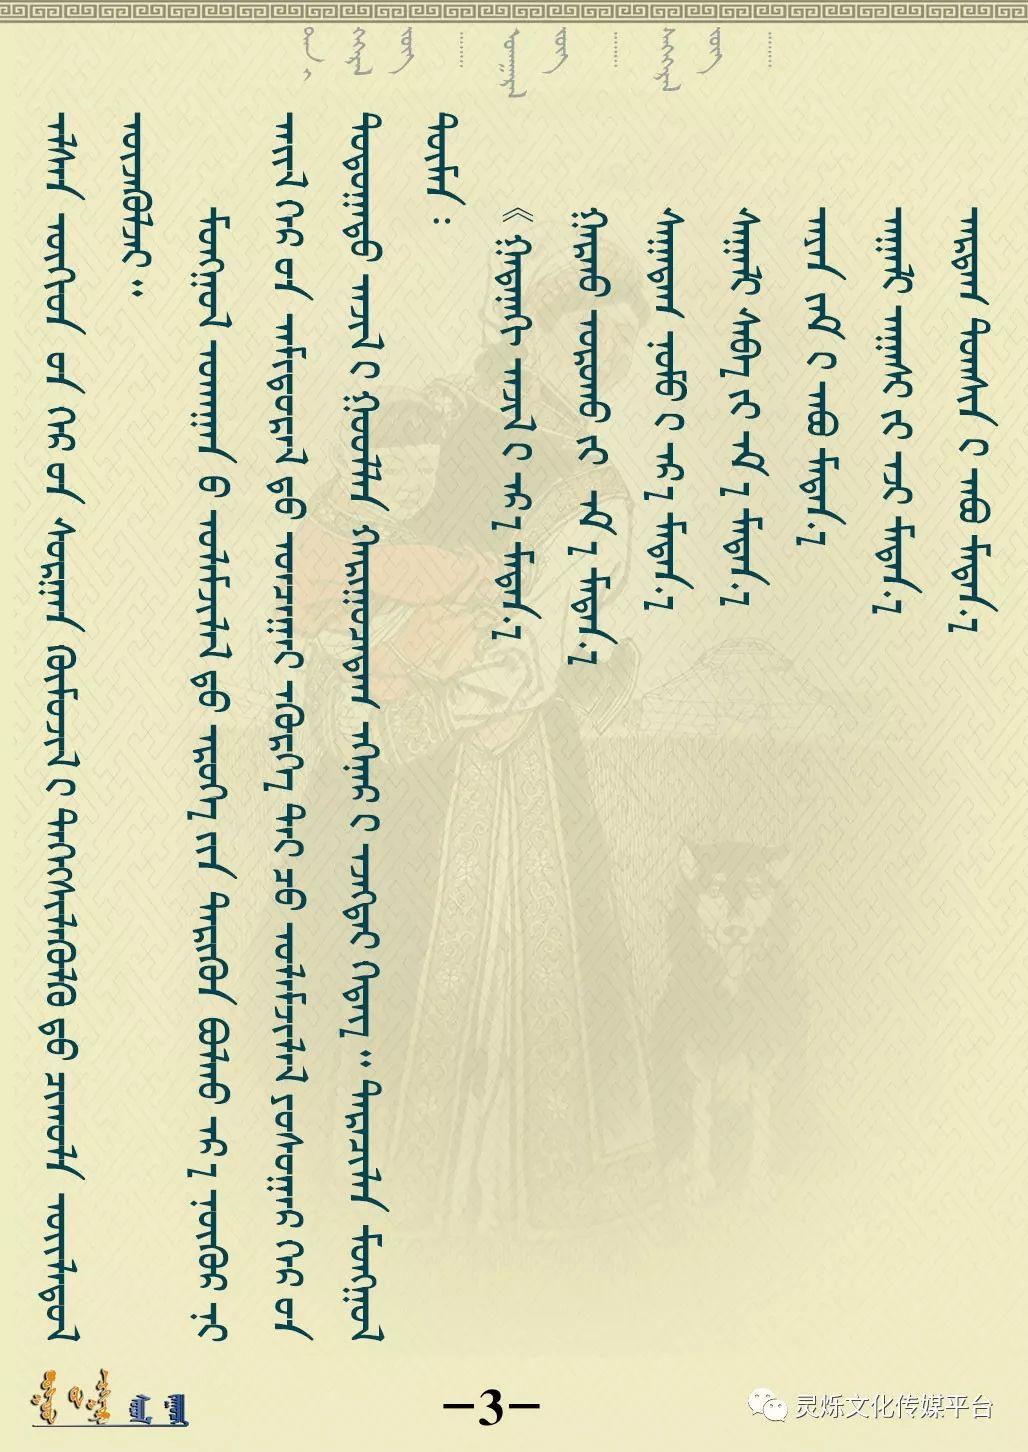 【蒙古民俗】 ᠮᠣᠩᠭᠣᠯ ᠤᠬᠠᠭᠠᠨ ᠬᠢᠭᠡᠳ ᠭᠡᠷᠤᠨ ᠰᠤᠷᠭᠠᠯ ᠬᠥᠮᠥᠵᠢᠯ 2 第3张